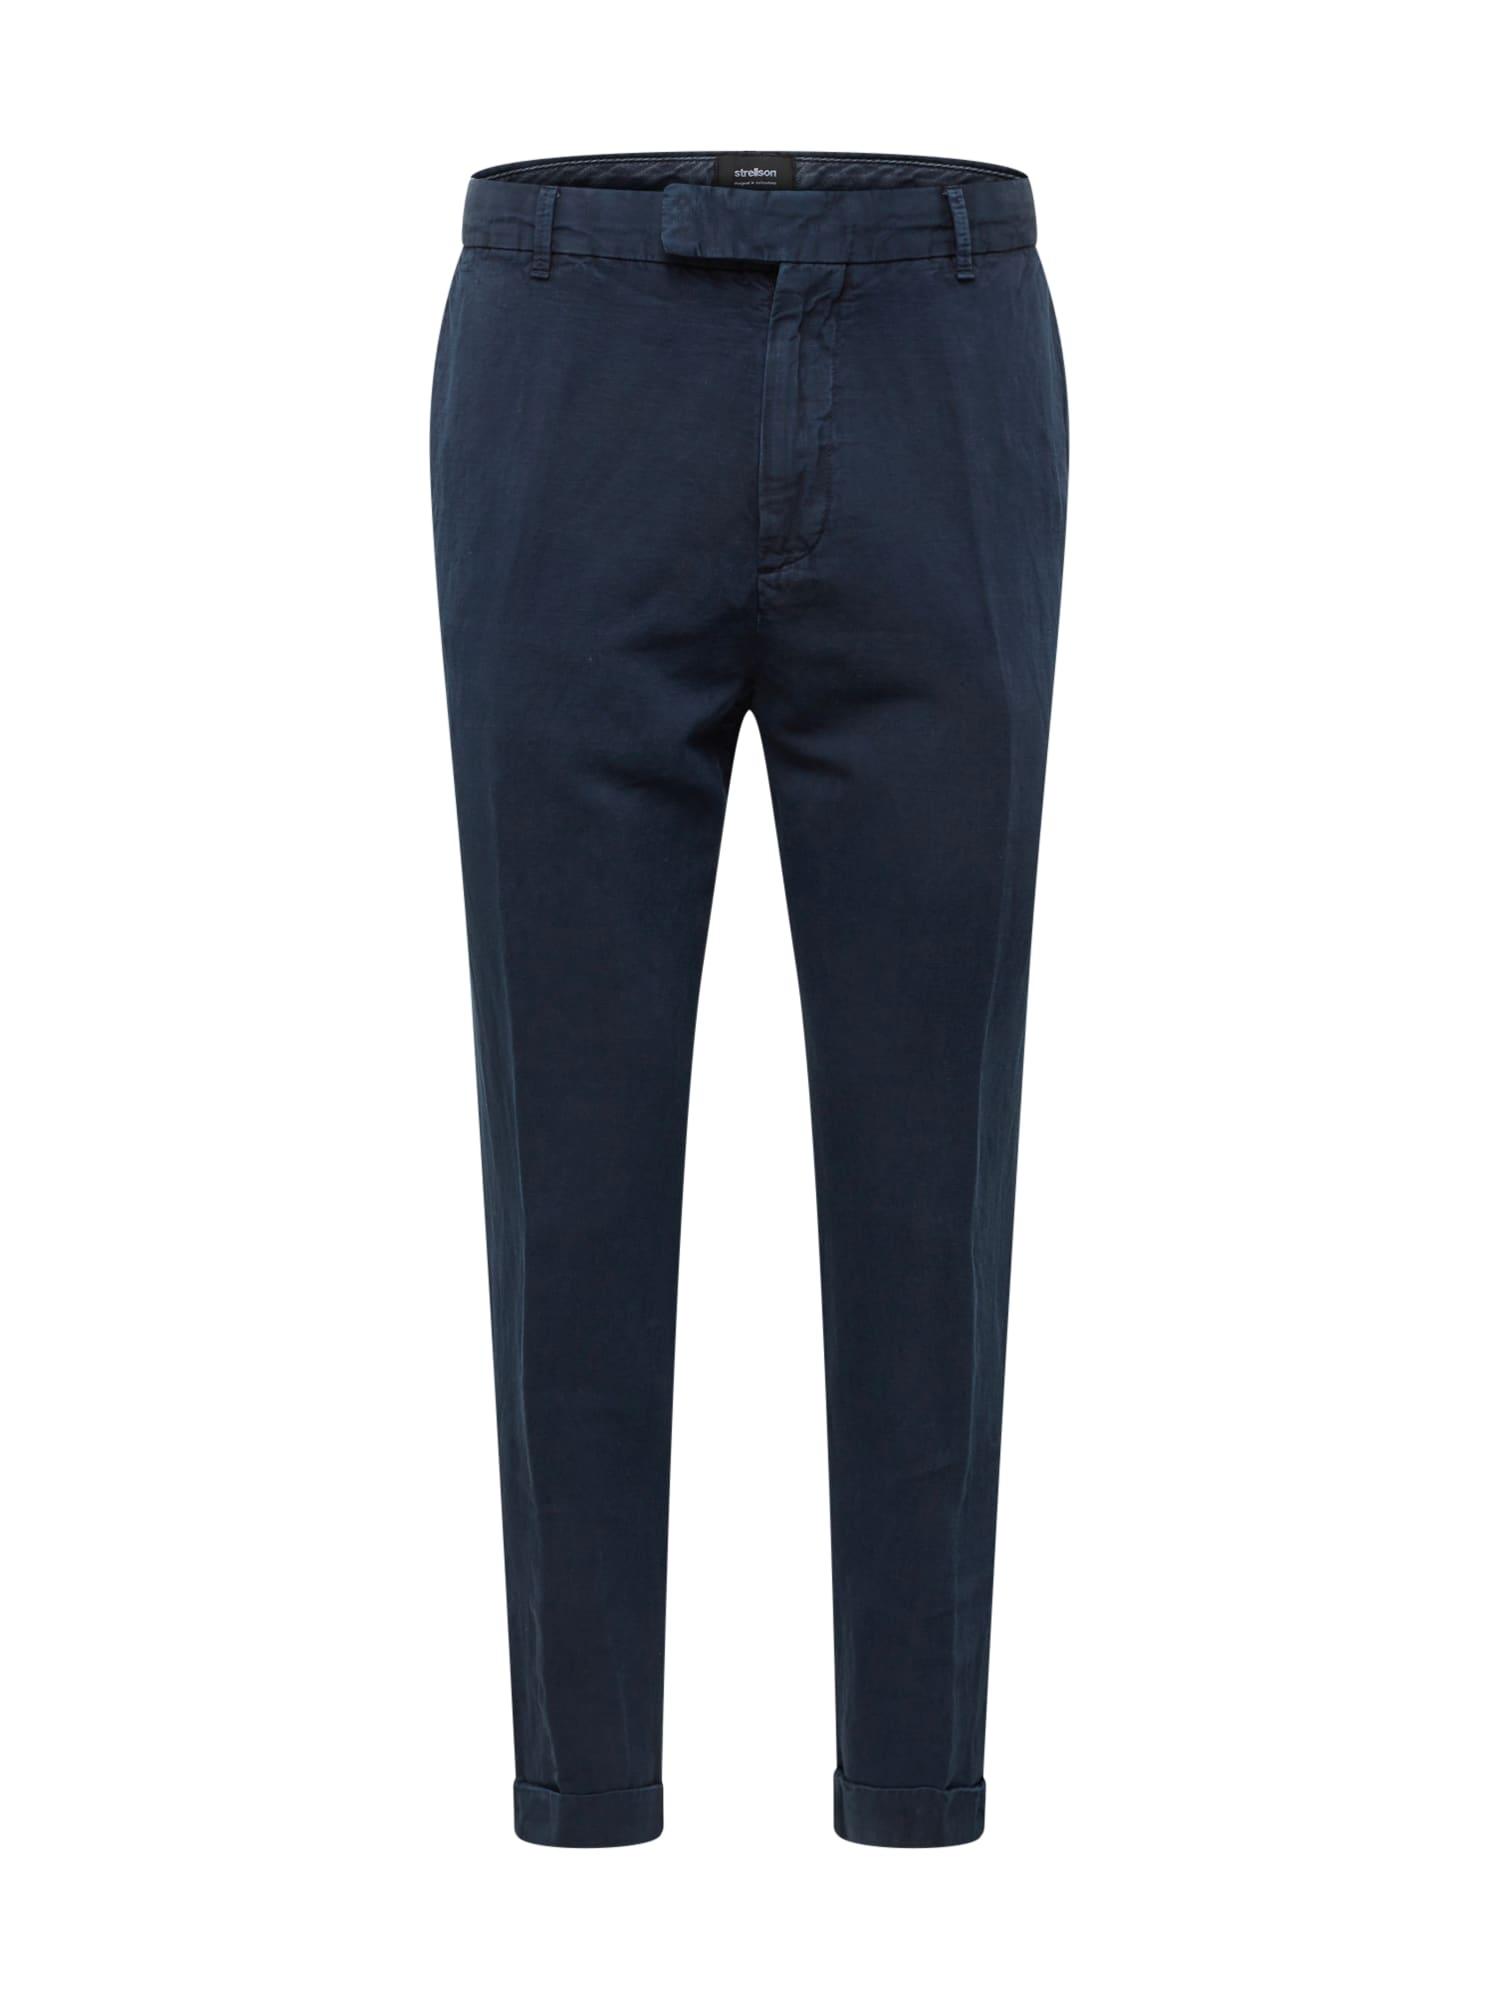 Chino kalhoty 11 Biant-D 10007511 tmavě modrá STRELLSON